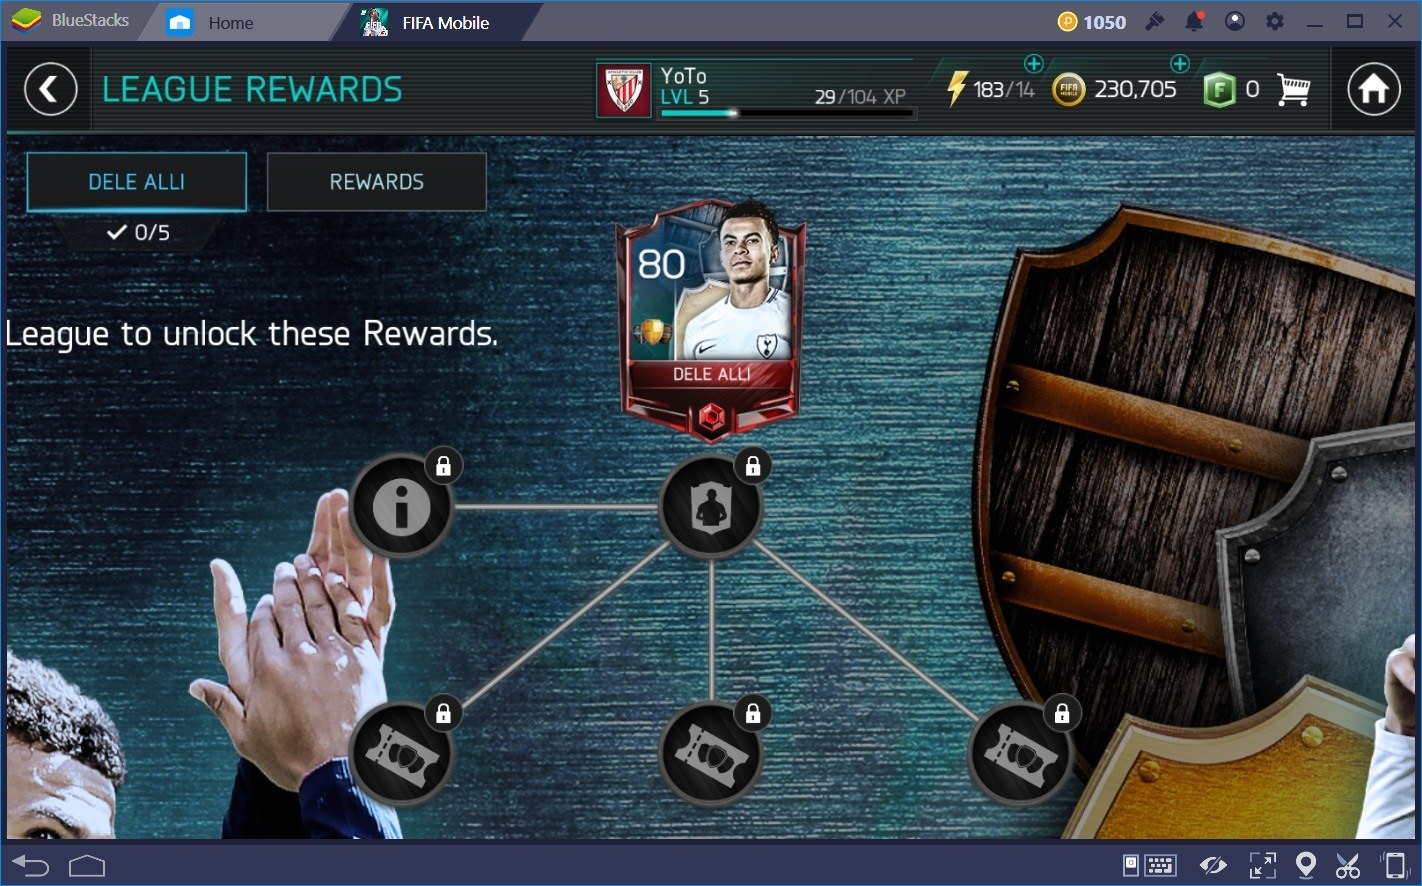 Die verschiedenen Spielertypen in FIFA Fußball (FIFA Mobile)